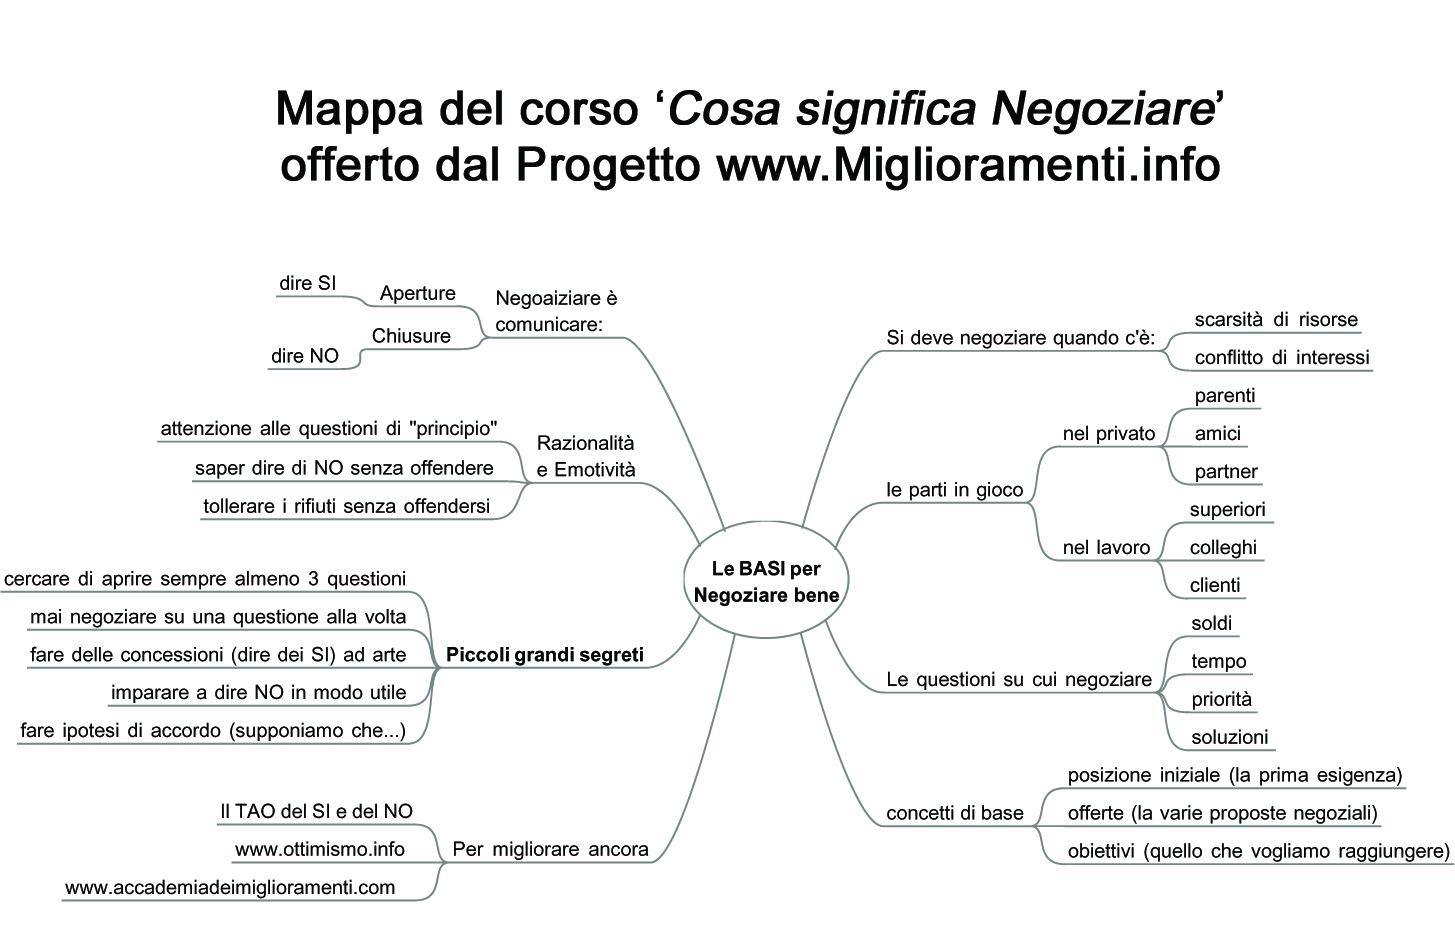 mappa Cosa significa Negoziare bene copy